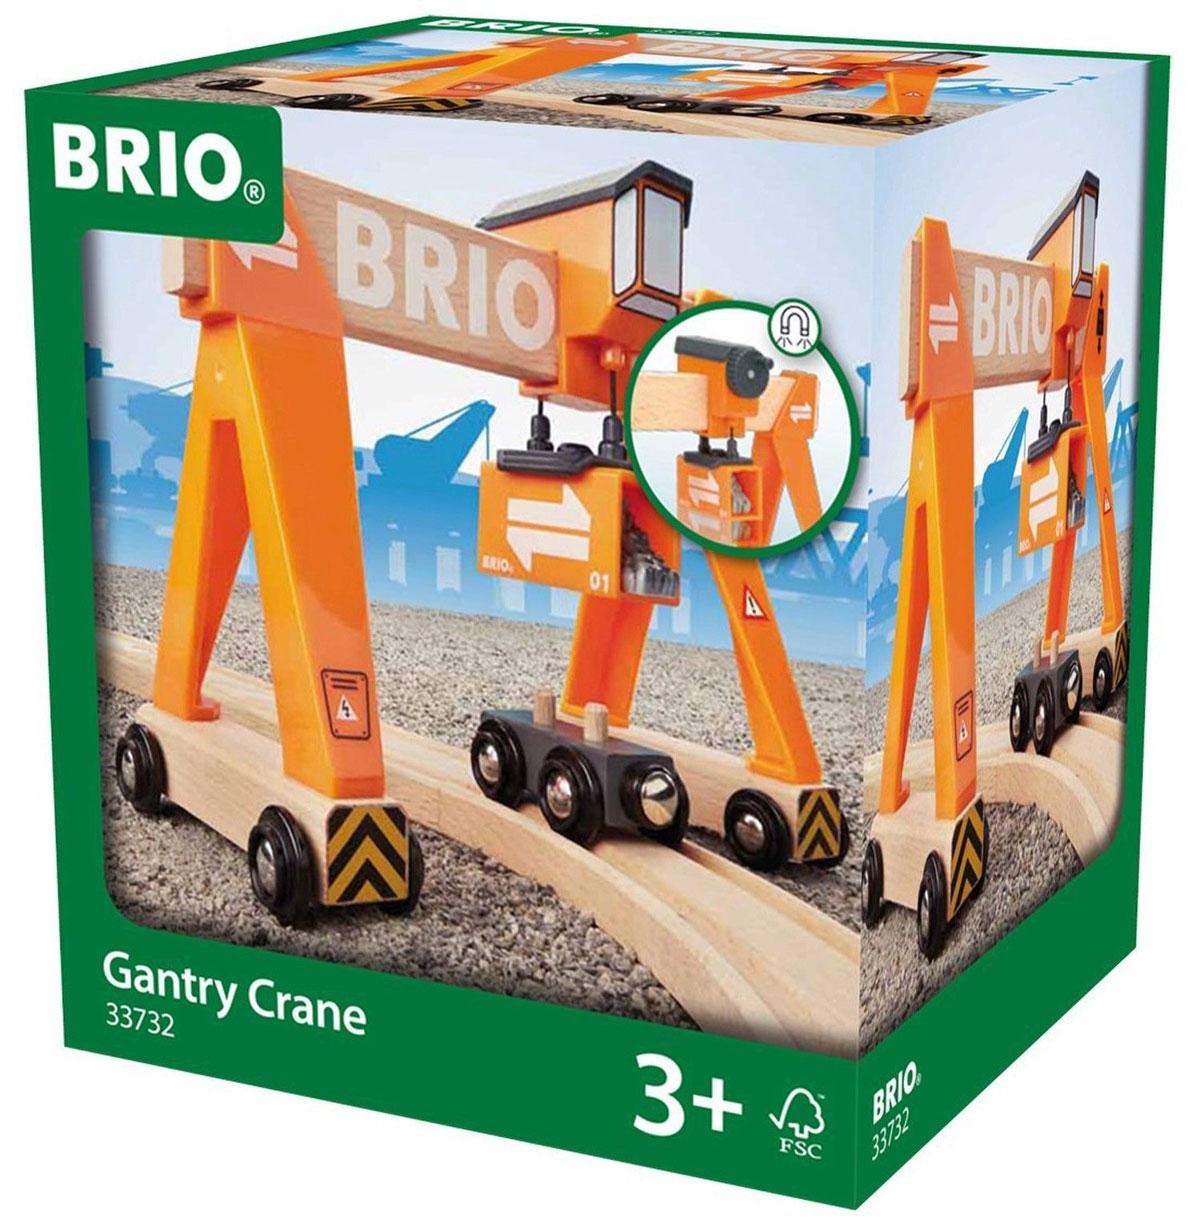 цены на Brio Портальный кран с вагоном  в интернет-магазинах